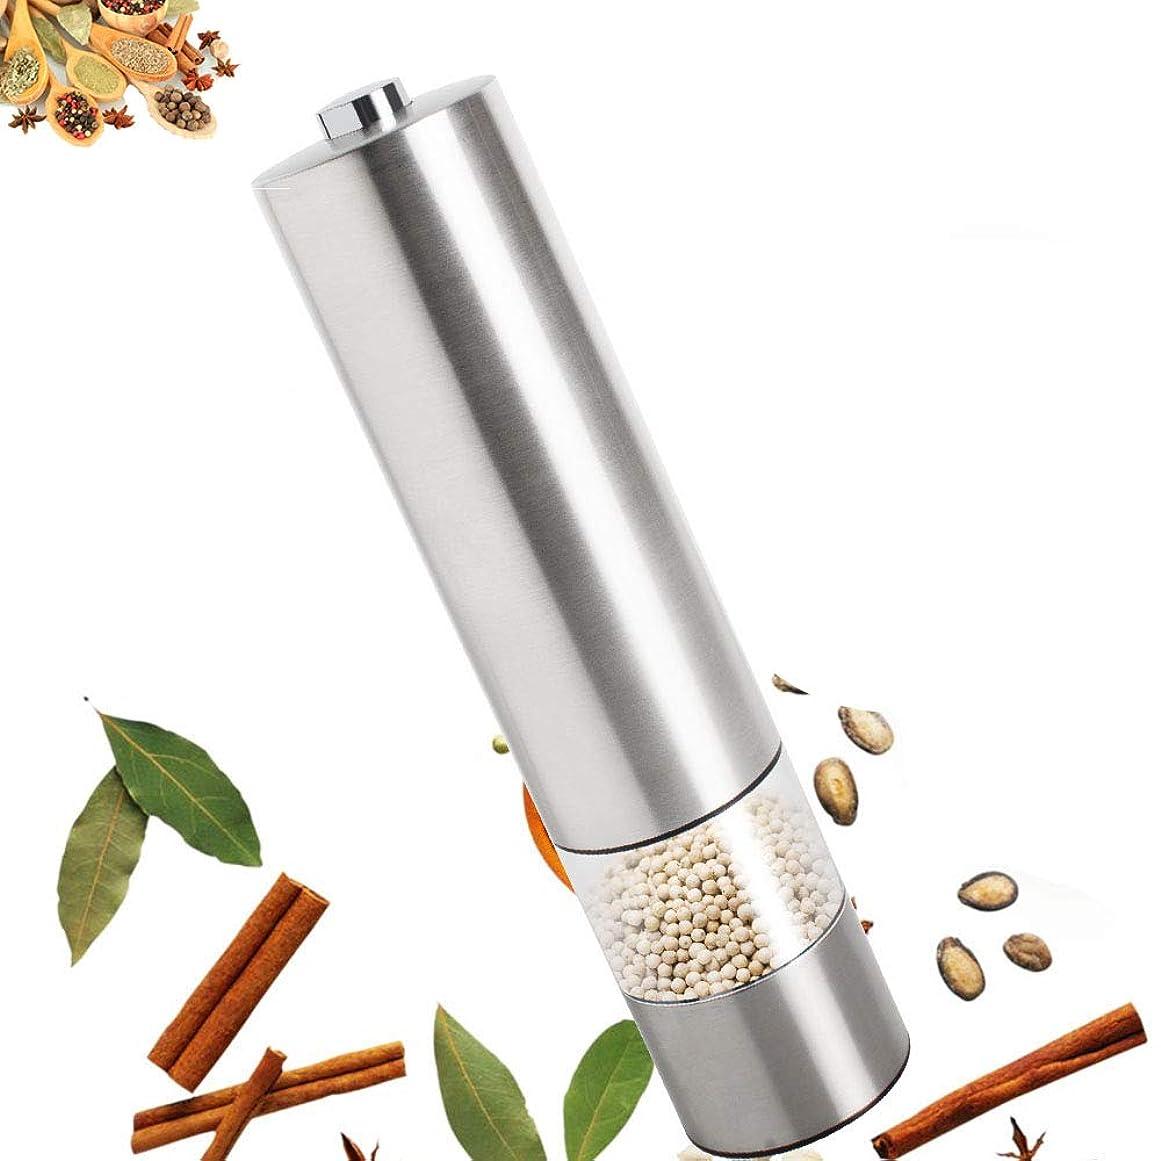 小さなスチールPerPure 電動ペッパーミル 電動ペッパー粉砕機 ステンレス製 粗さ調節可能 塩 コショウ トウモロコシ マスタード種子 挽き シルバー